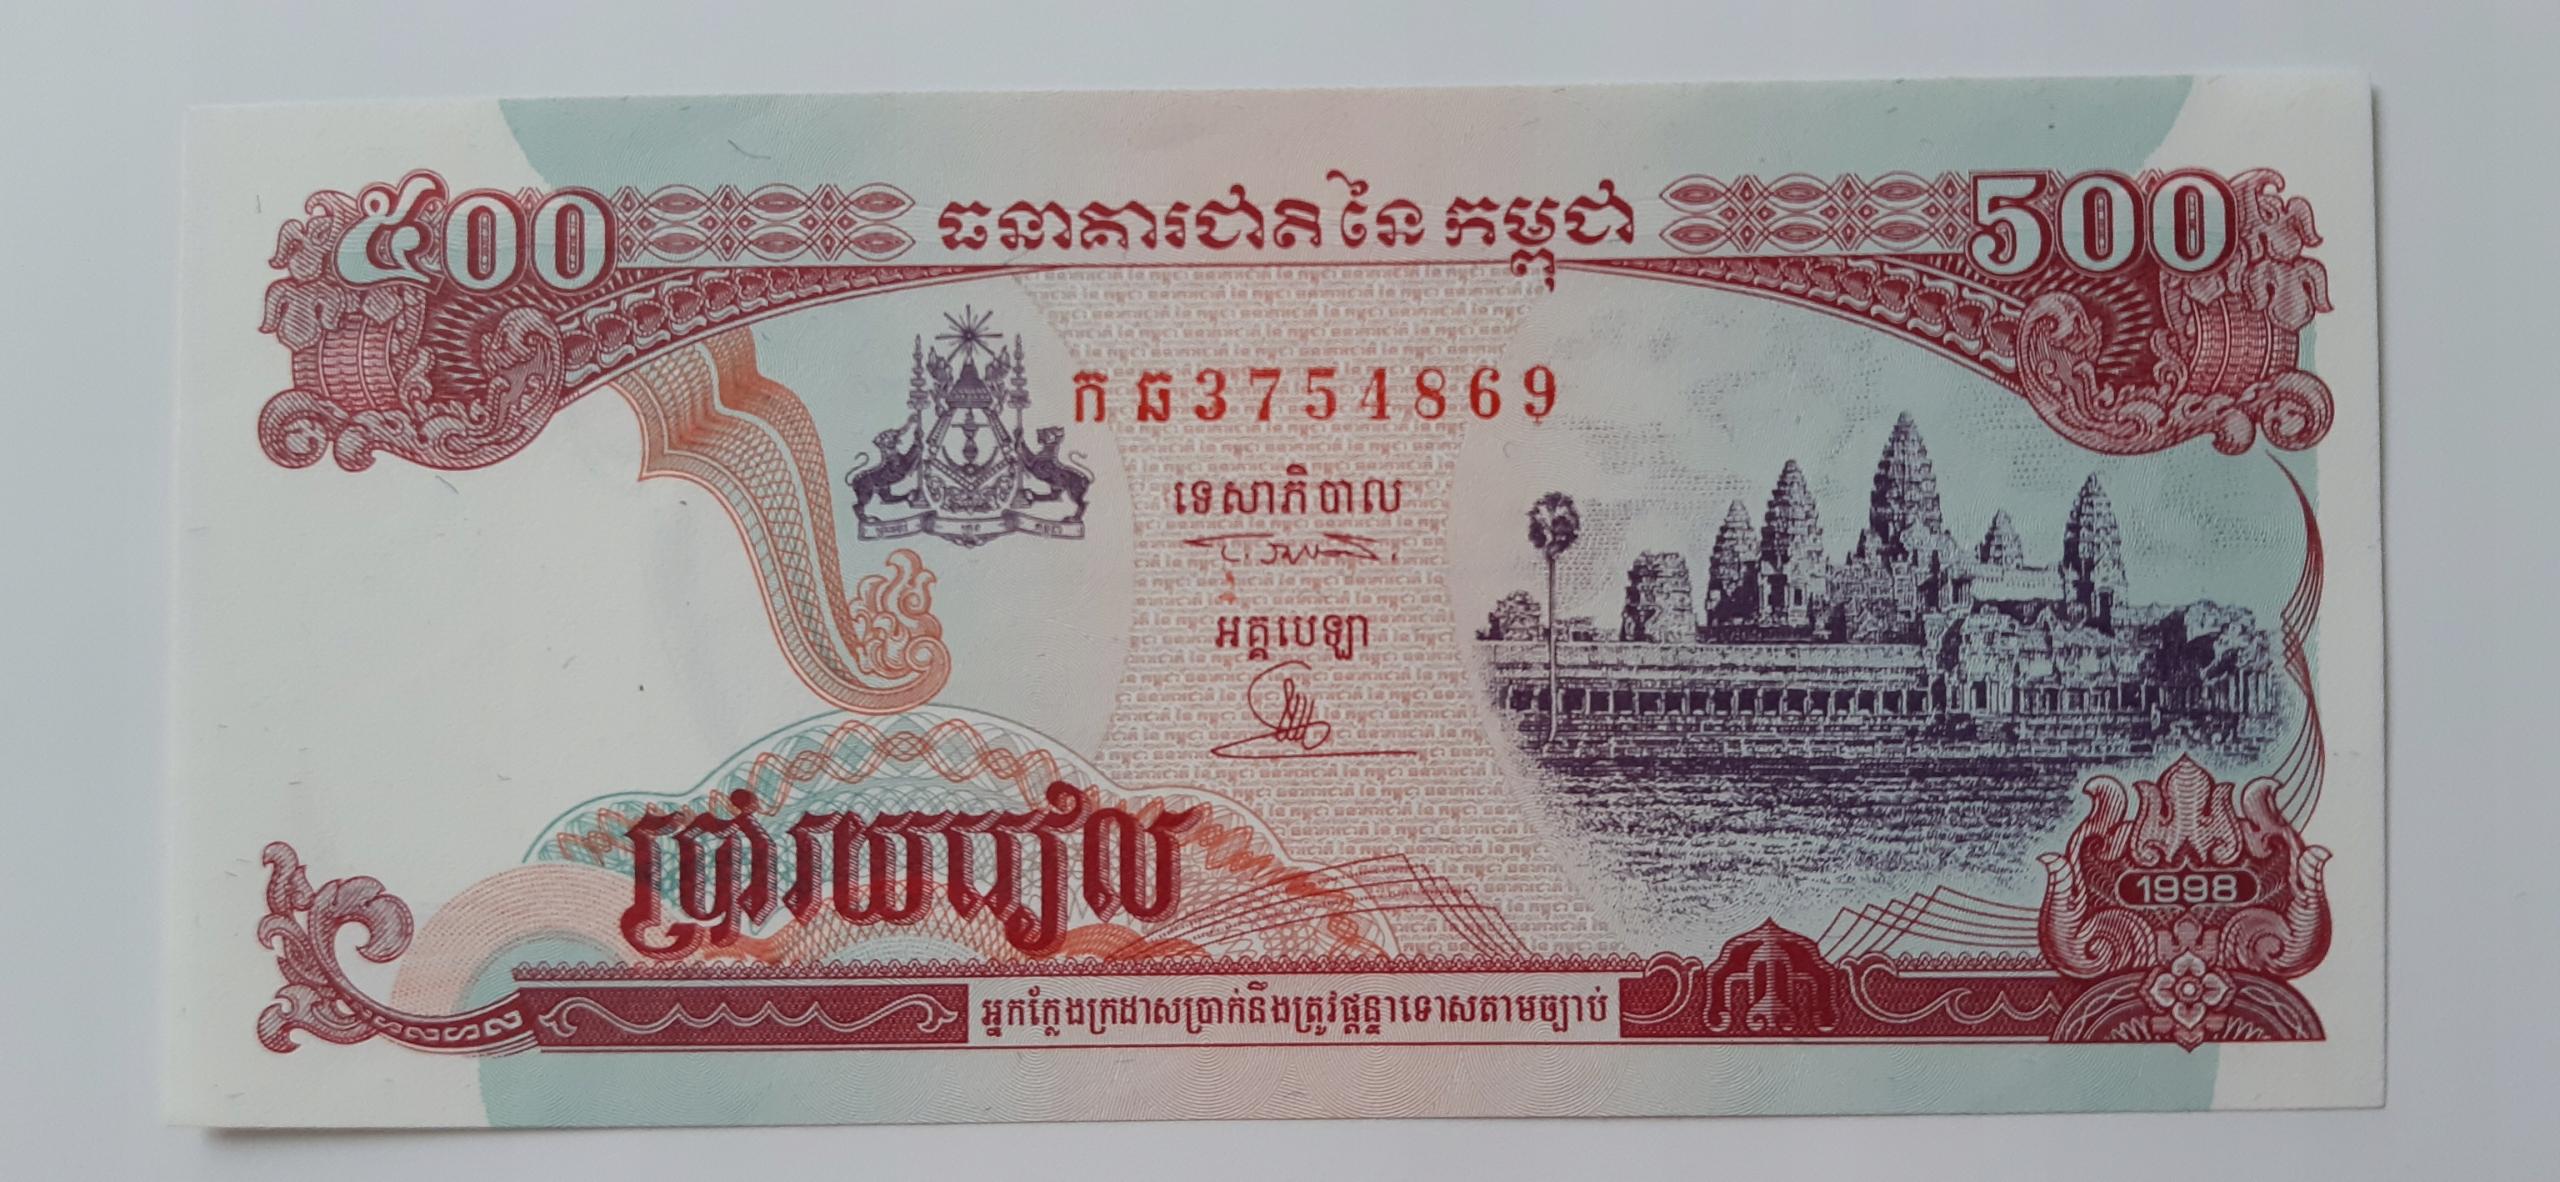 Камбоджа банкнота номиналом 500 риелей 1998 г.